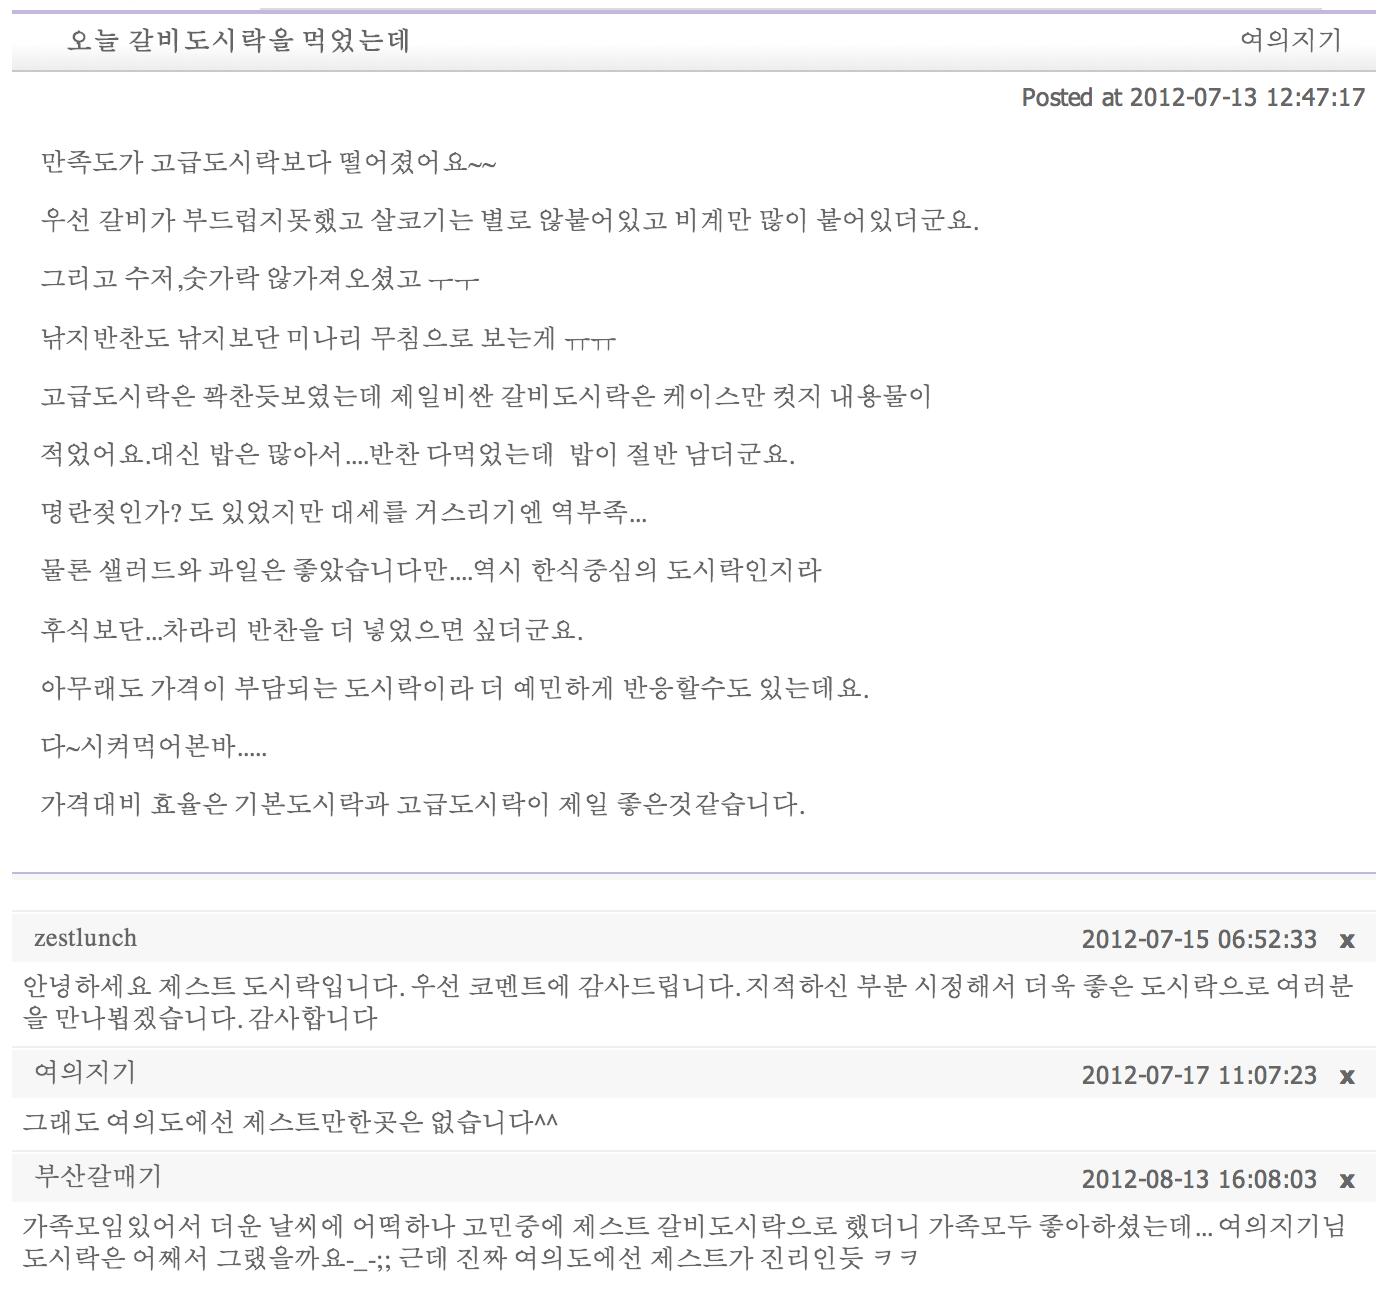 Screen Shot 2014-01-27 at 4.10.36 PM.png